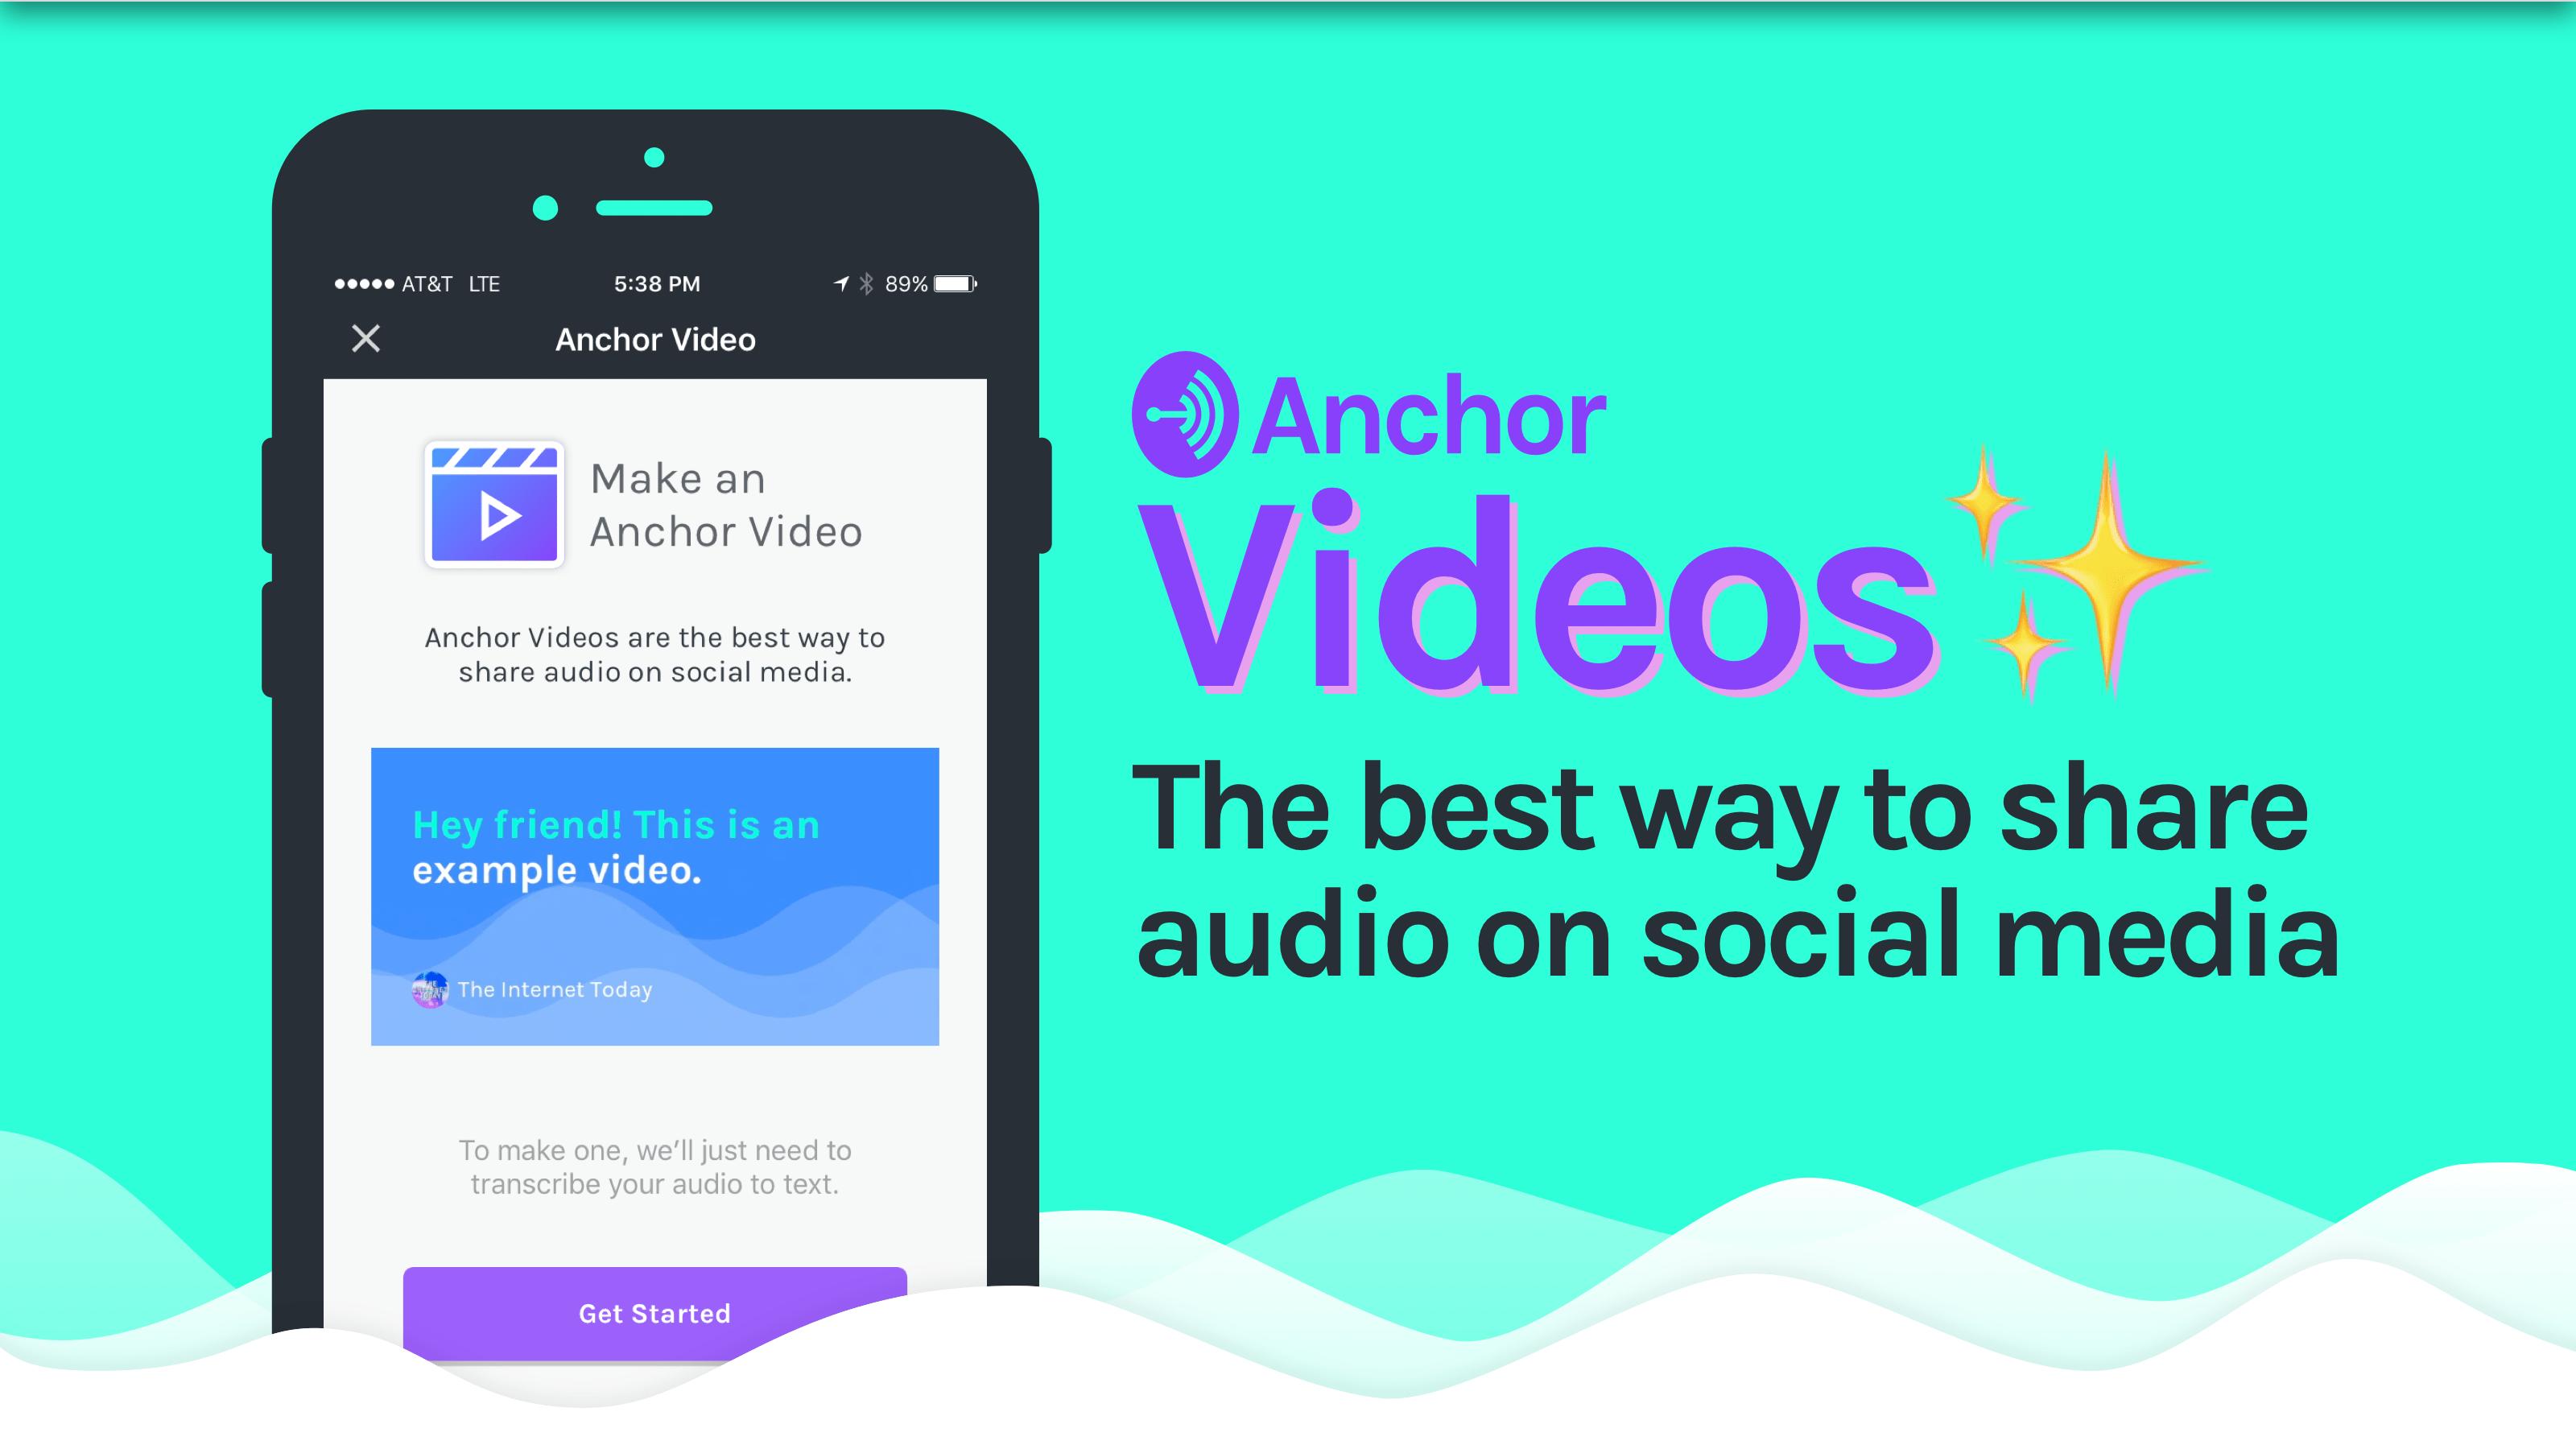 Anchor Videos